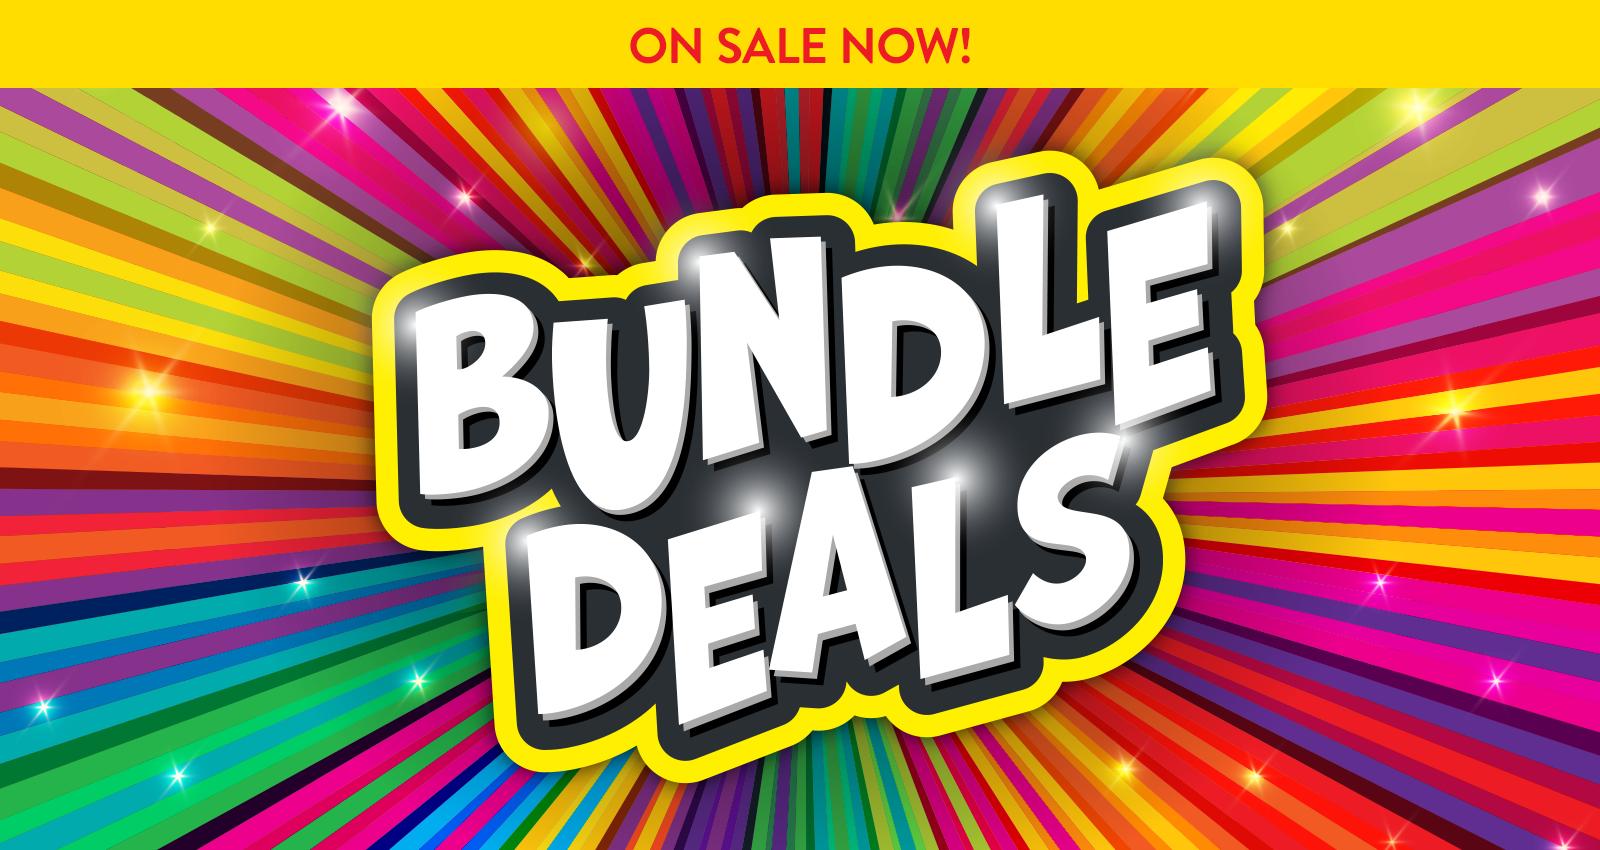 new-bundle-deals-on-sale-now.png